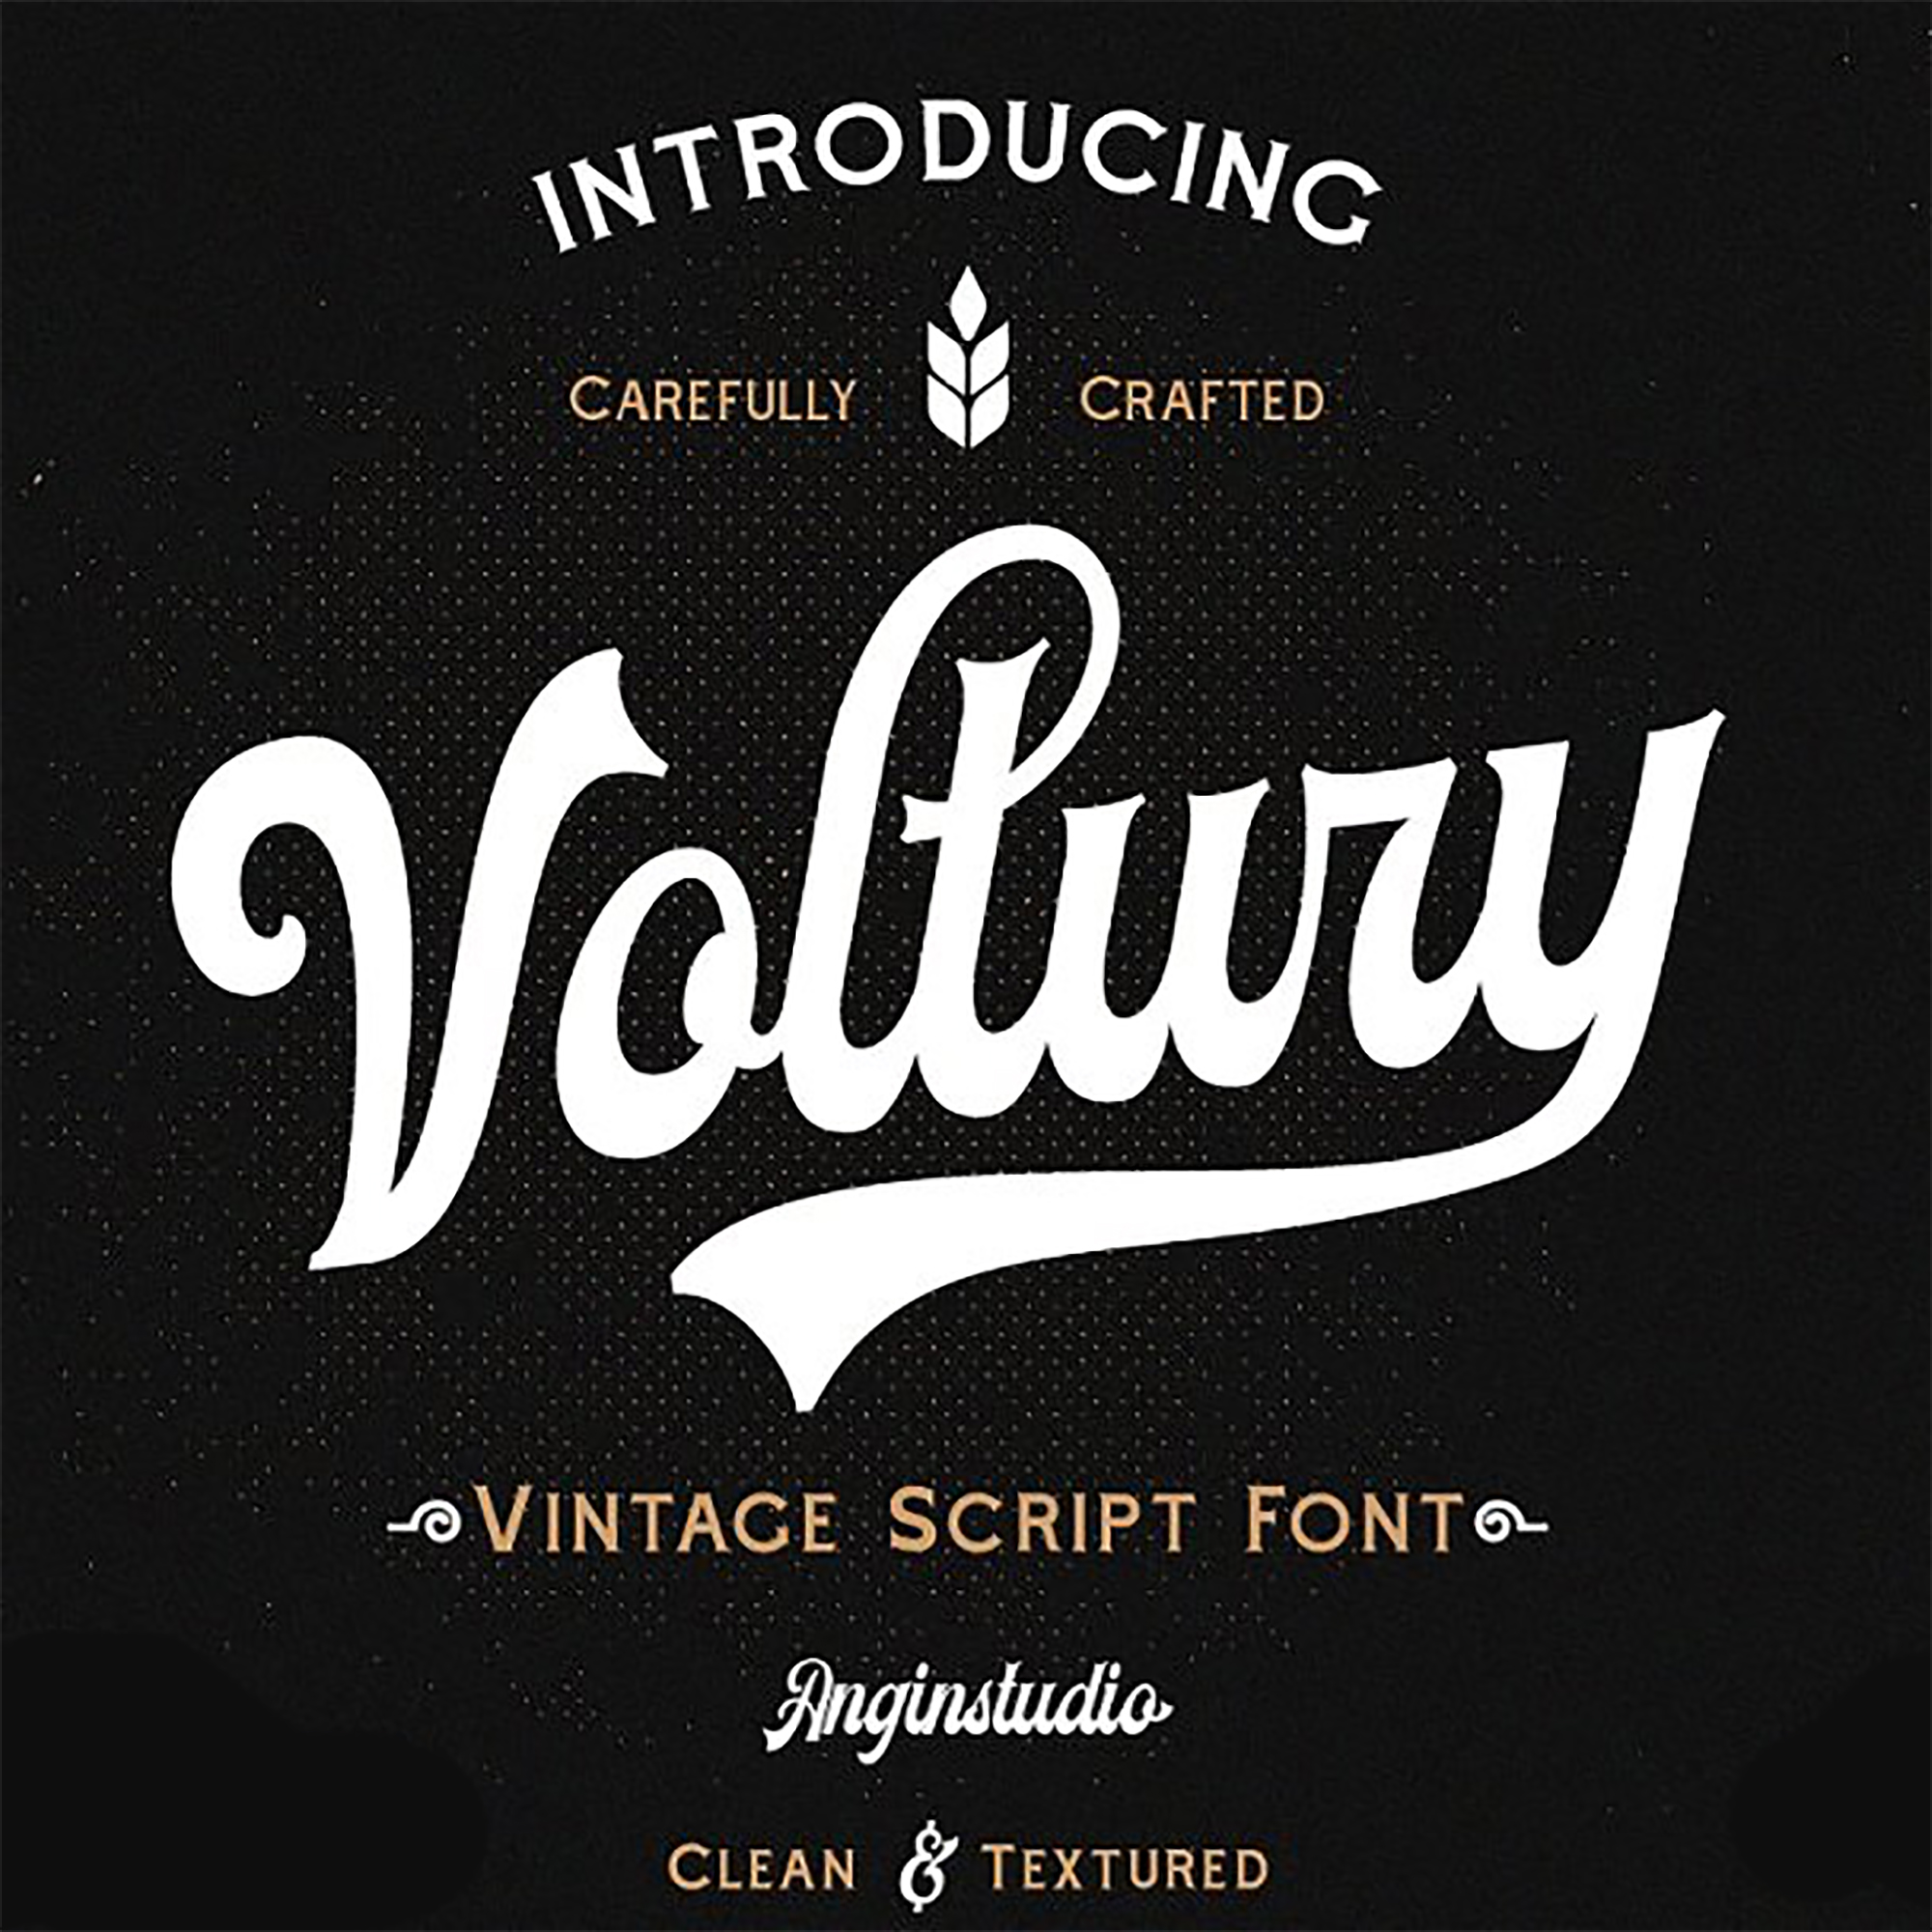 Horbse Vintage Serif Font ( with Illustration ) - AmericanVintageFont